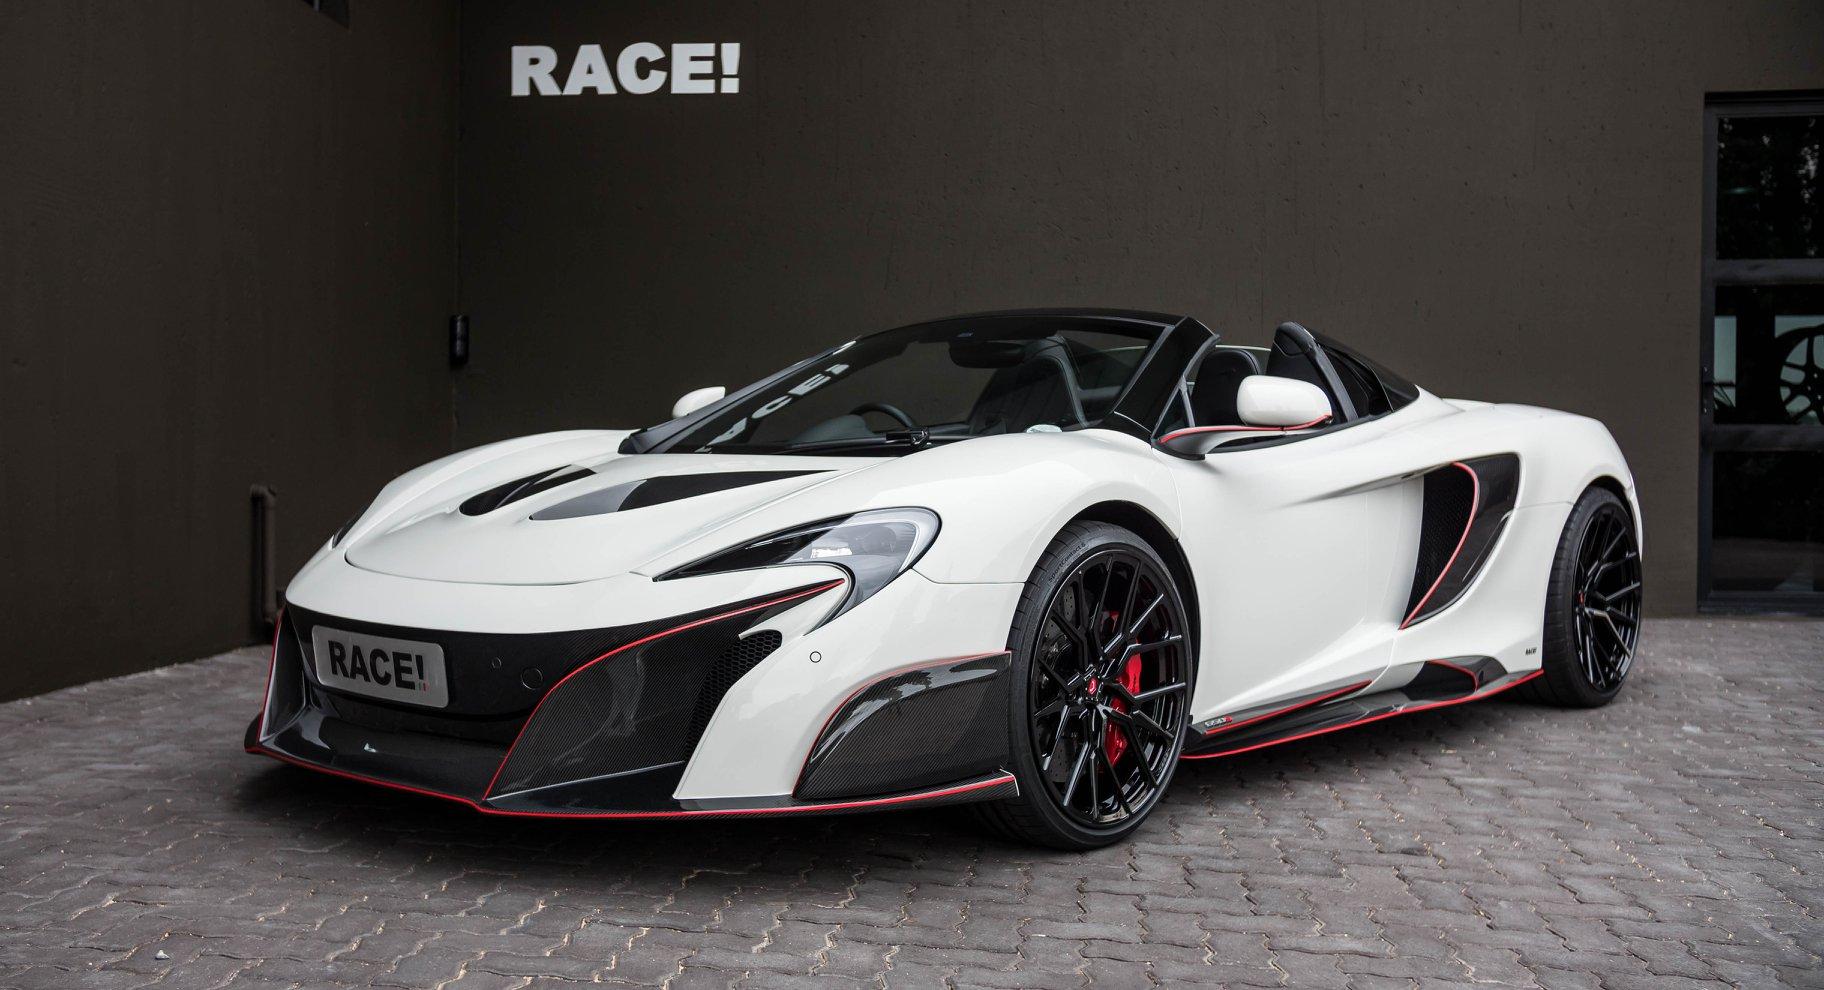 McLaren 650S Spider by Race (1)